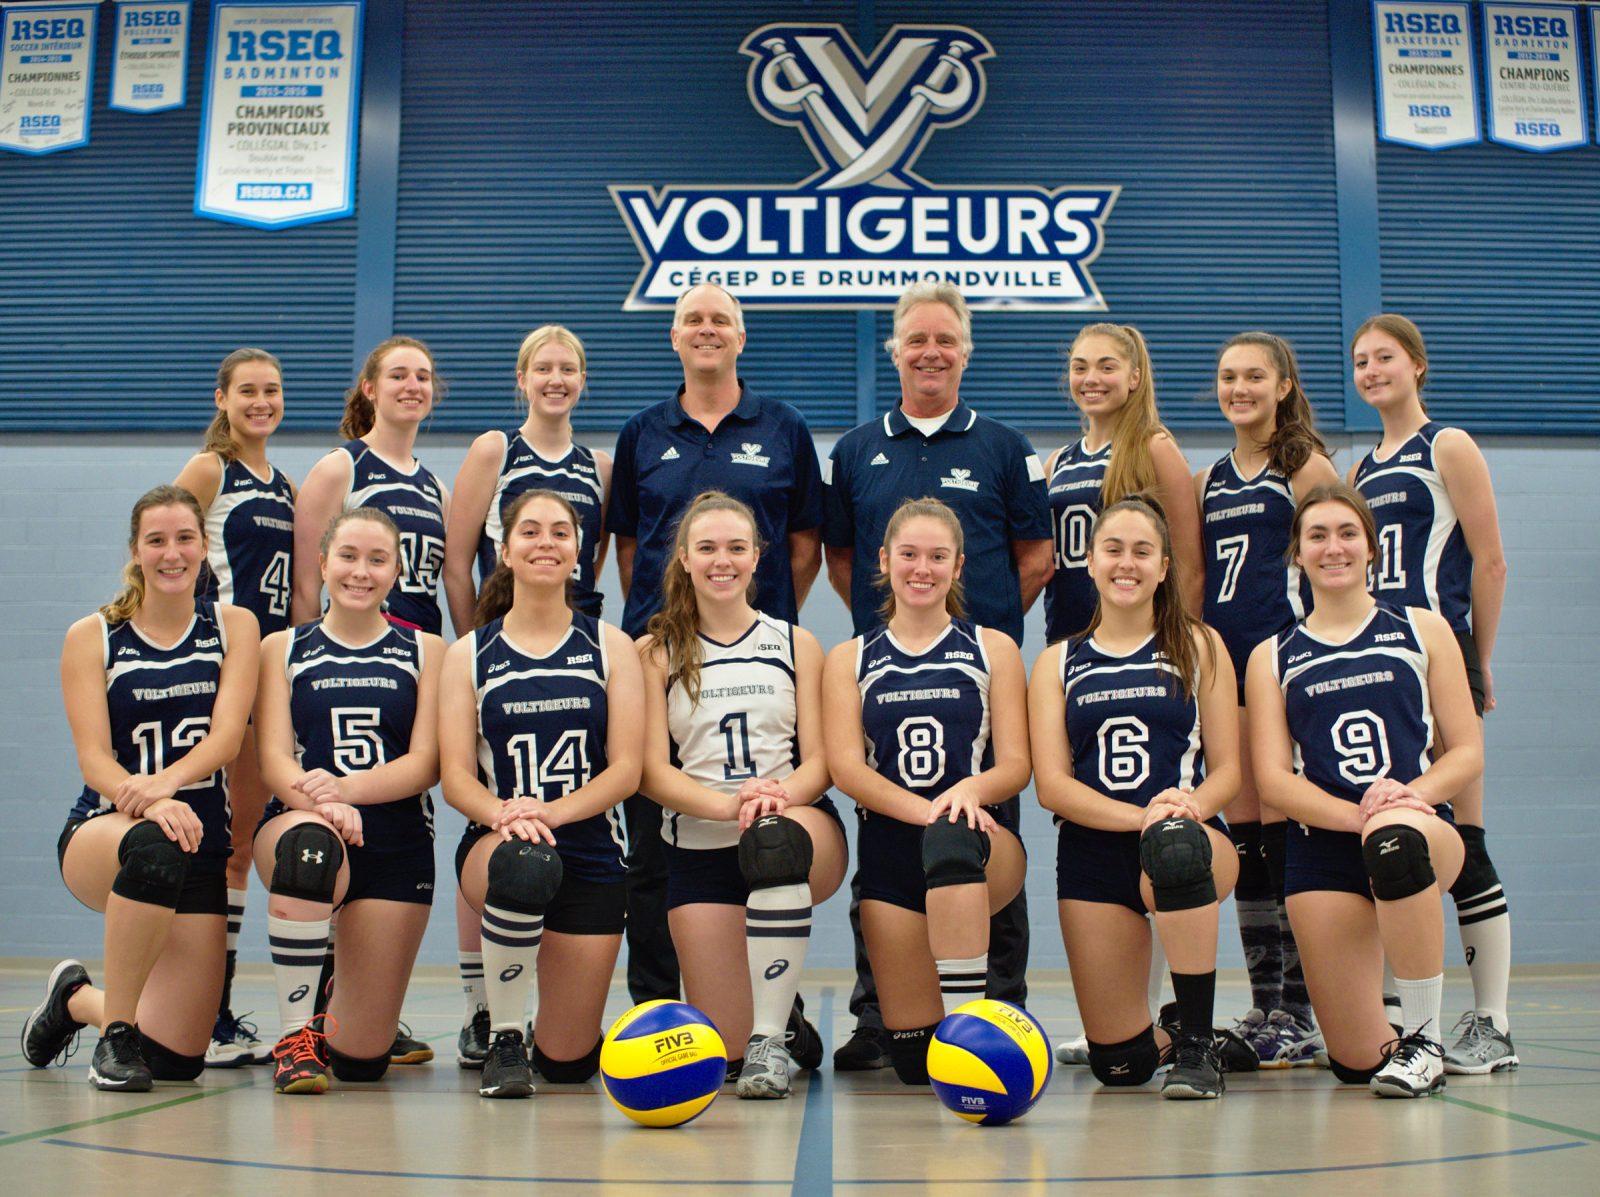 Volleyball : les Voltigeurs étaient comme une famille